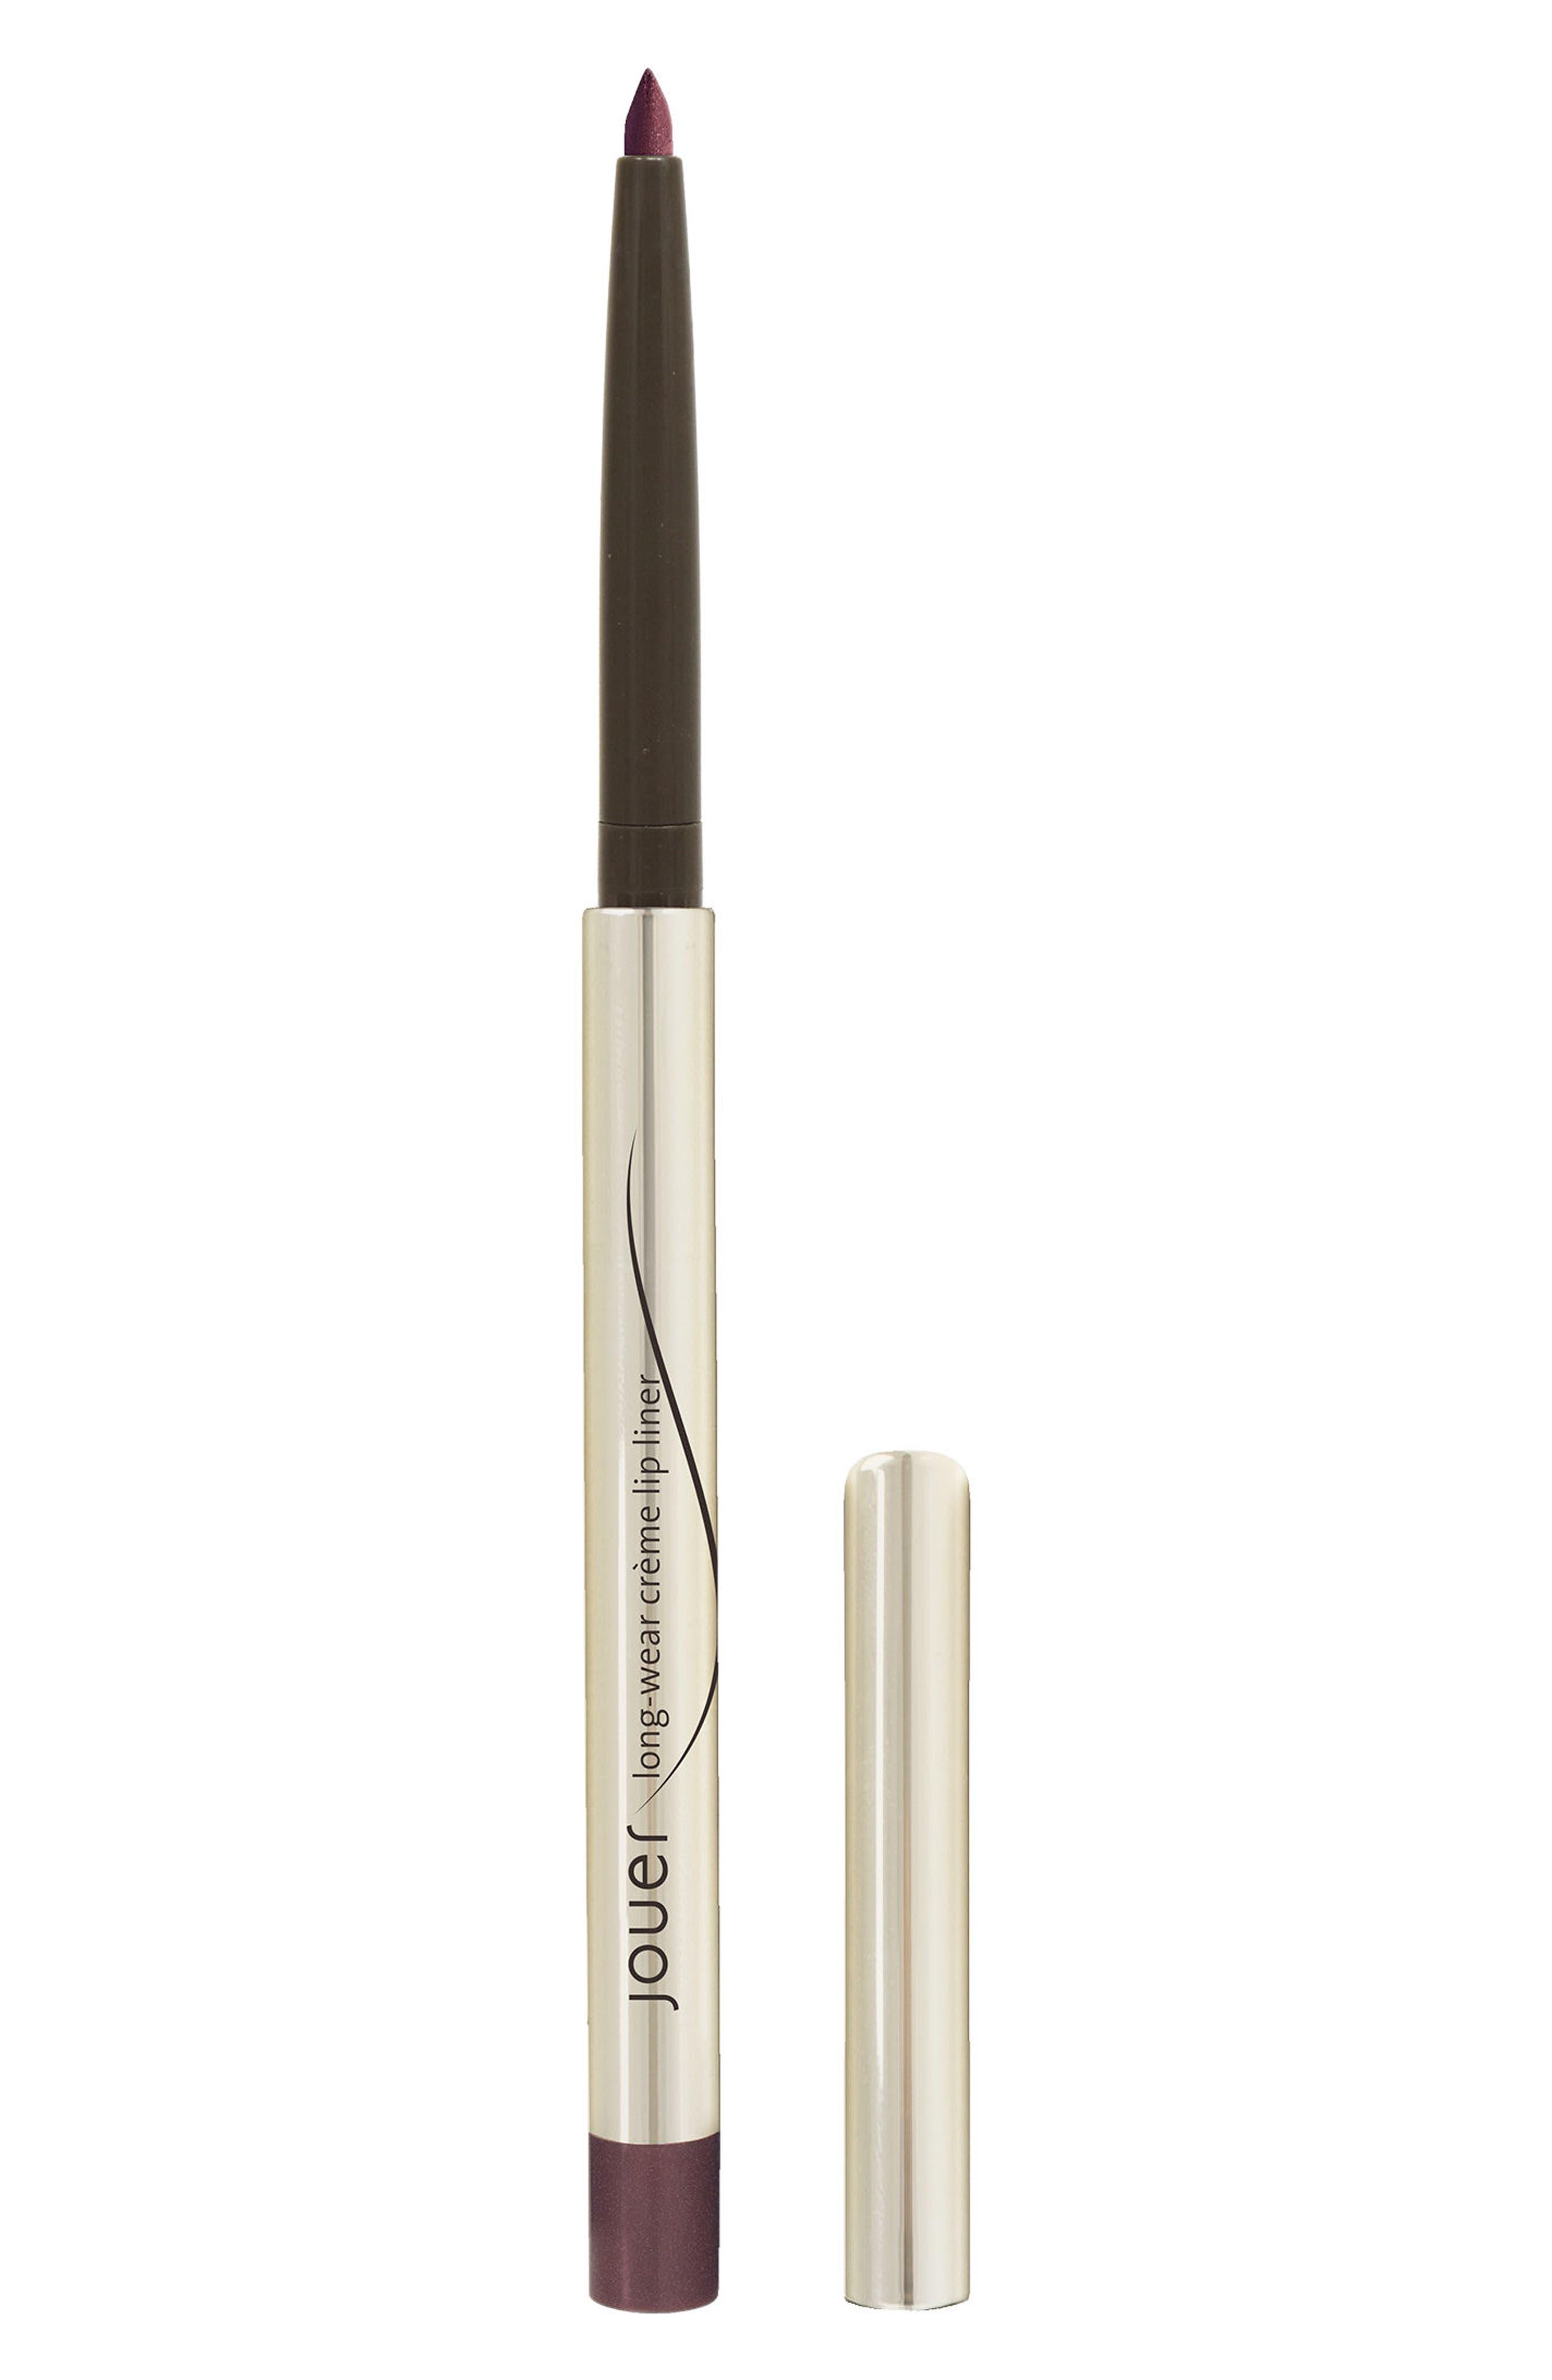 Long-Wear Crème Lip Liner,                             Main thumbnail 1, color,                             Clove Shimmer